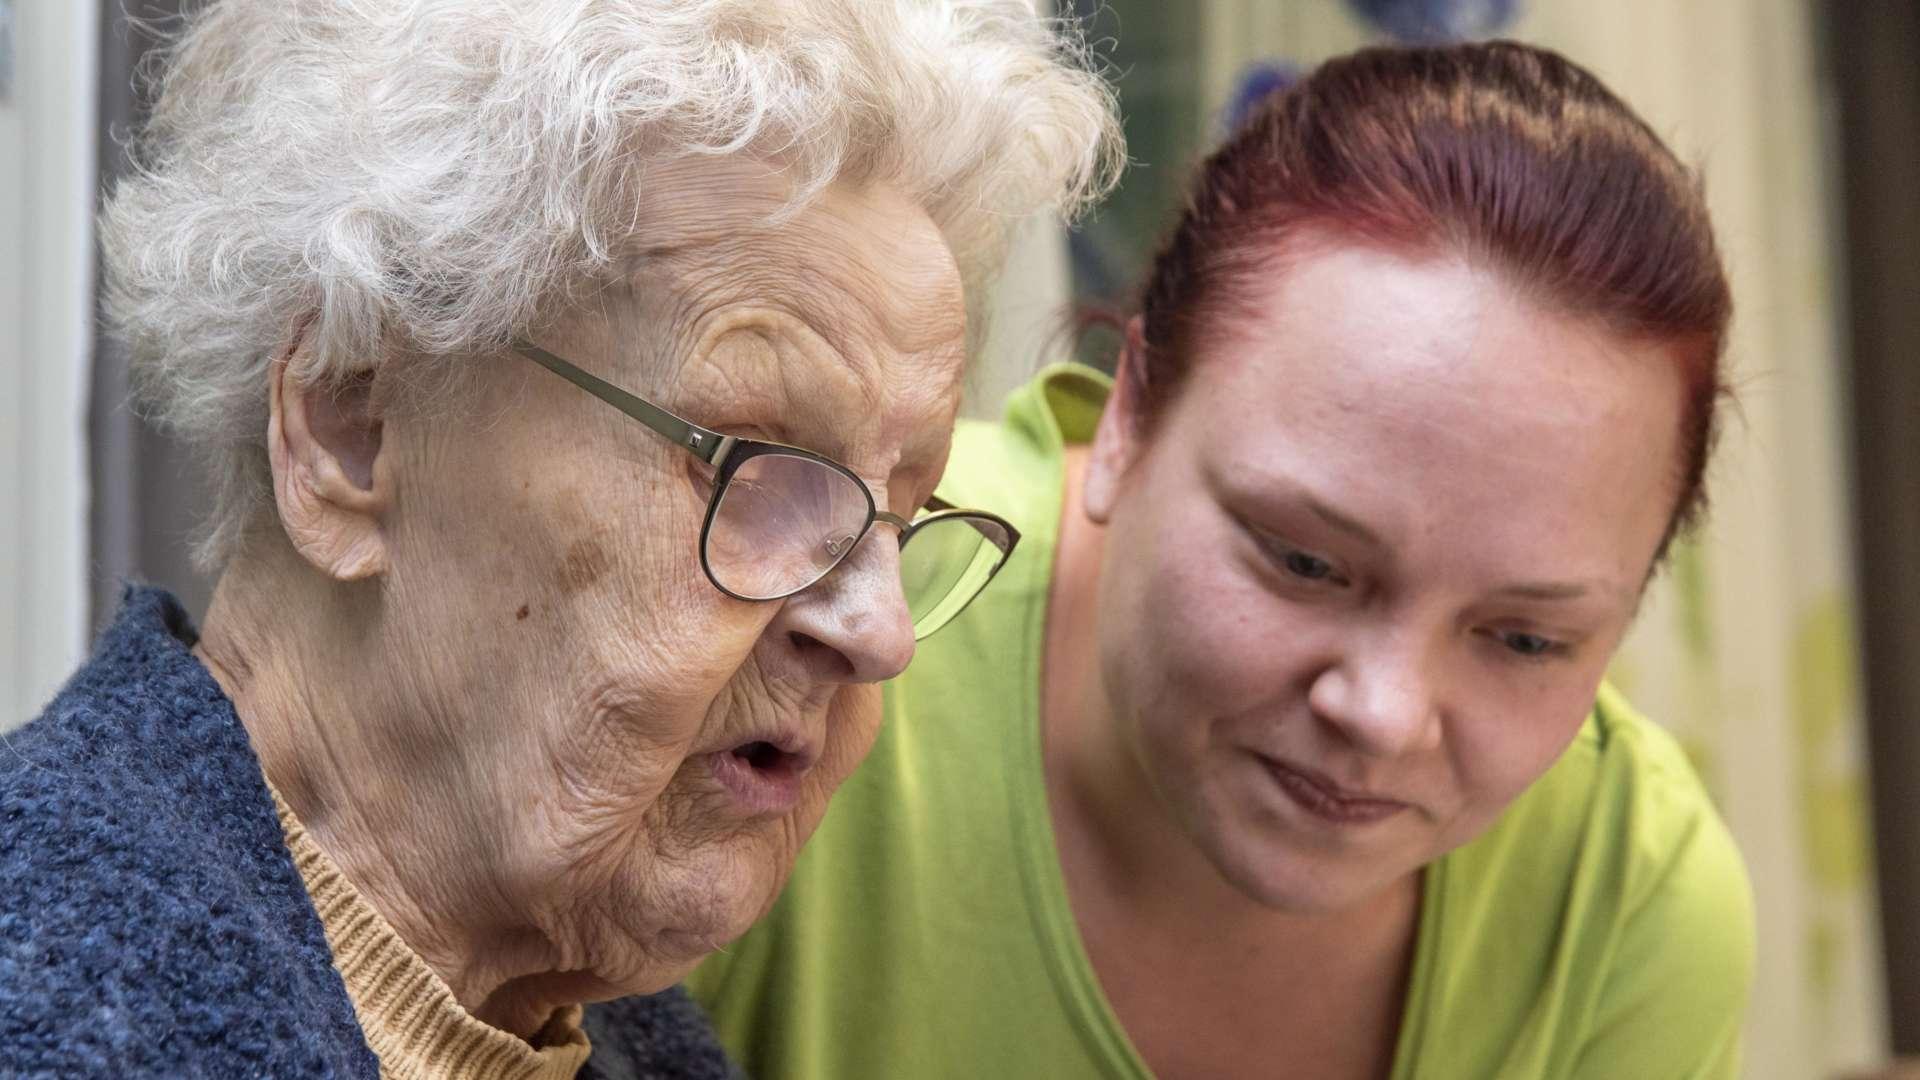 Iäkäs nainen ja nuorempi nainen tutkivat yhdessä jotakin.